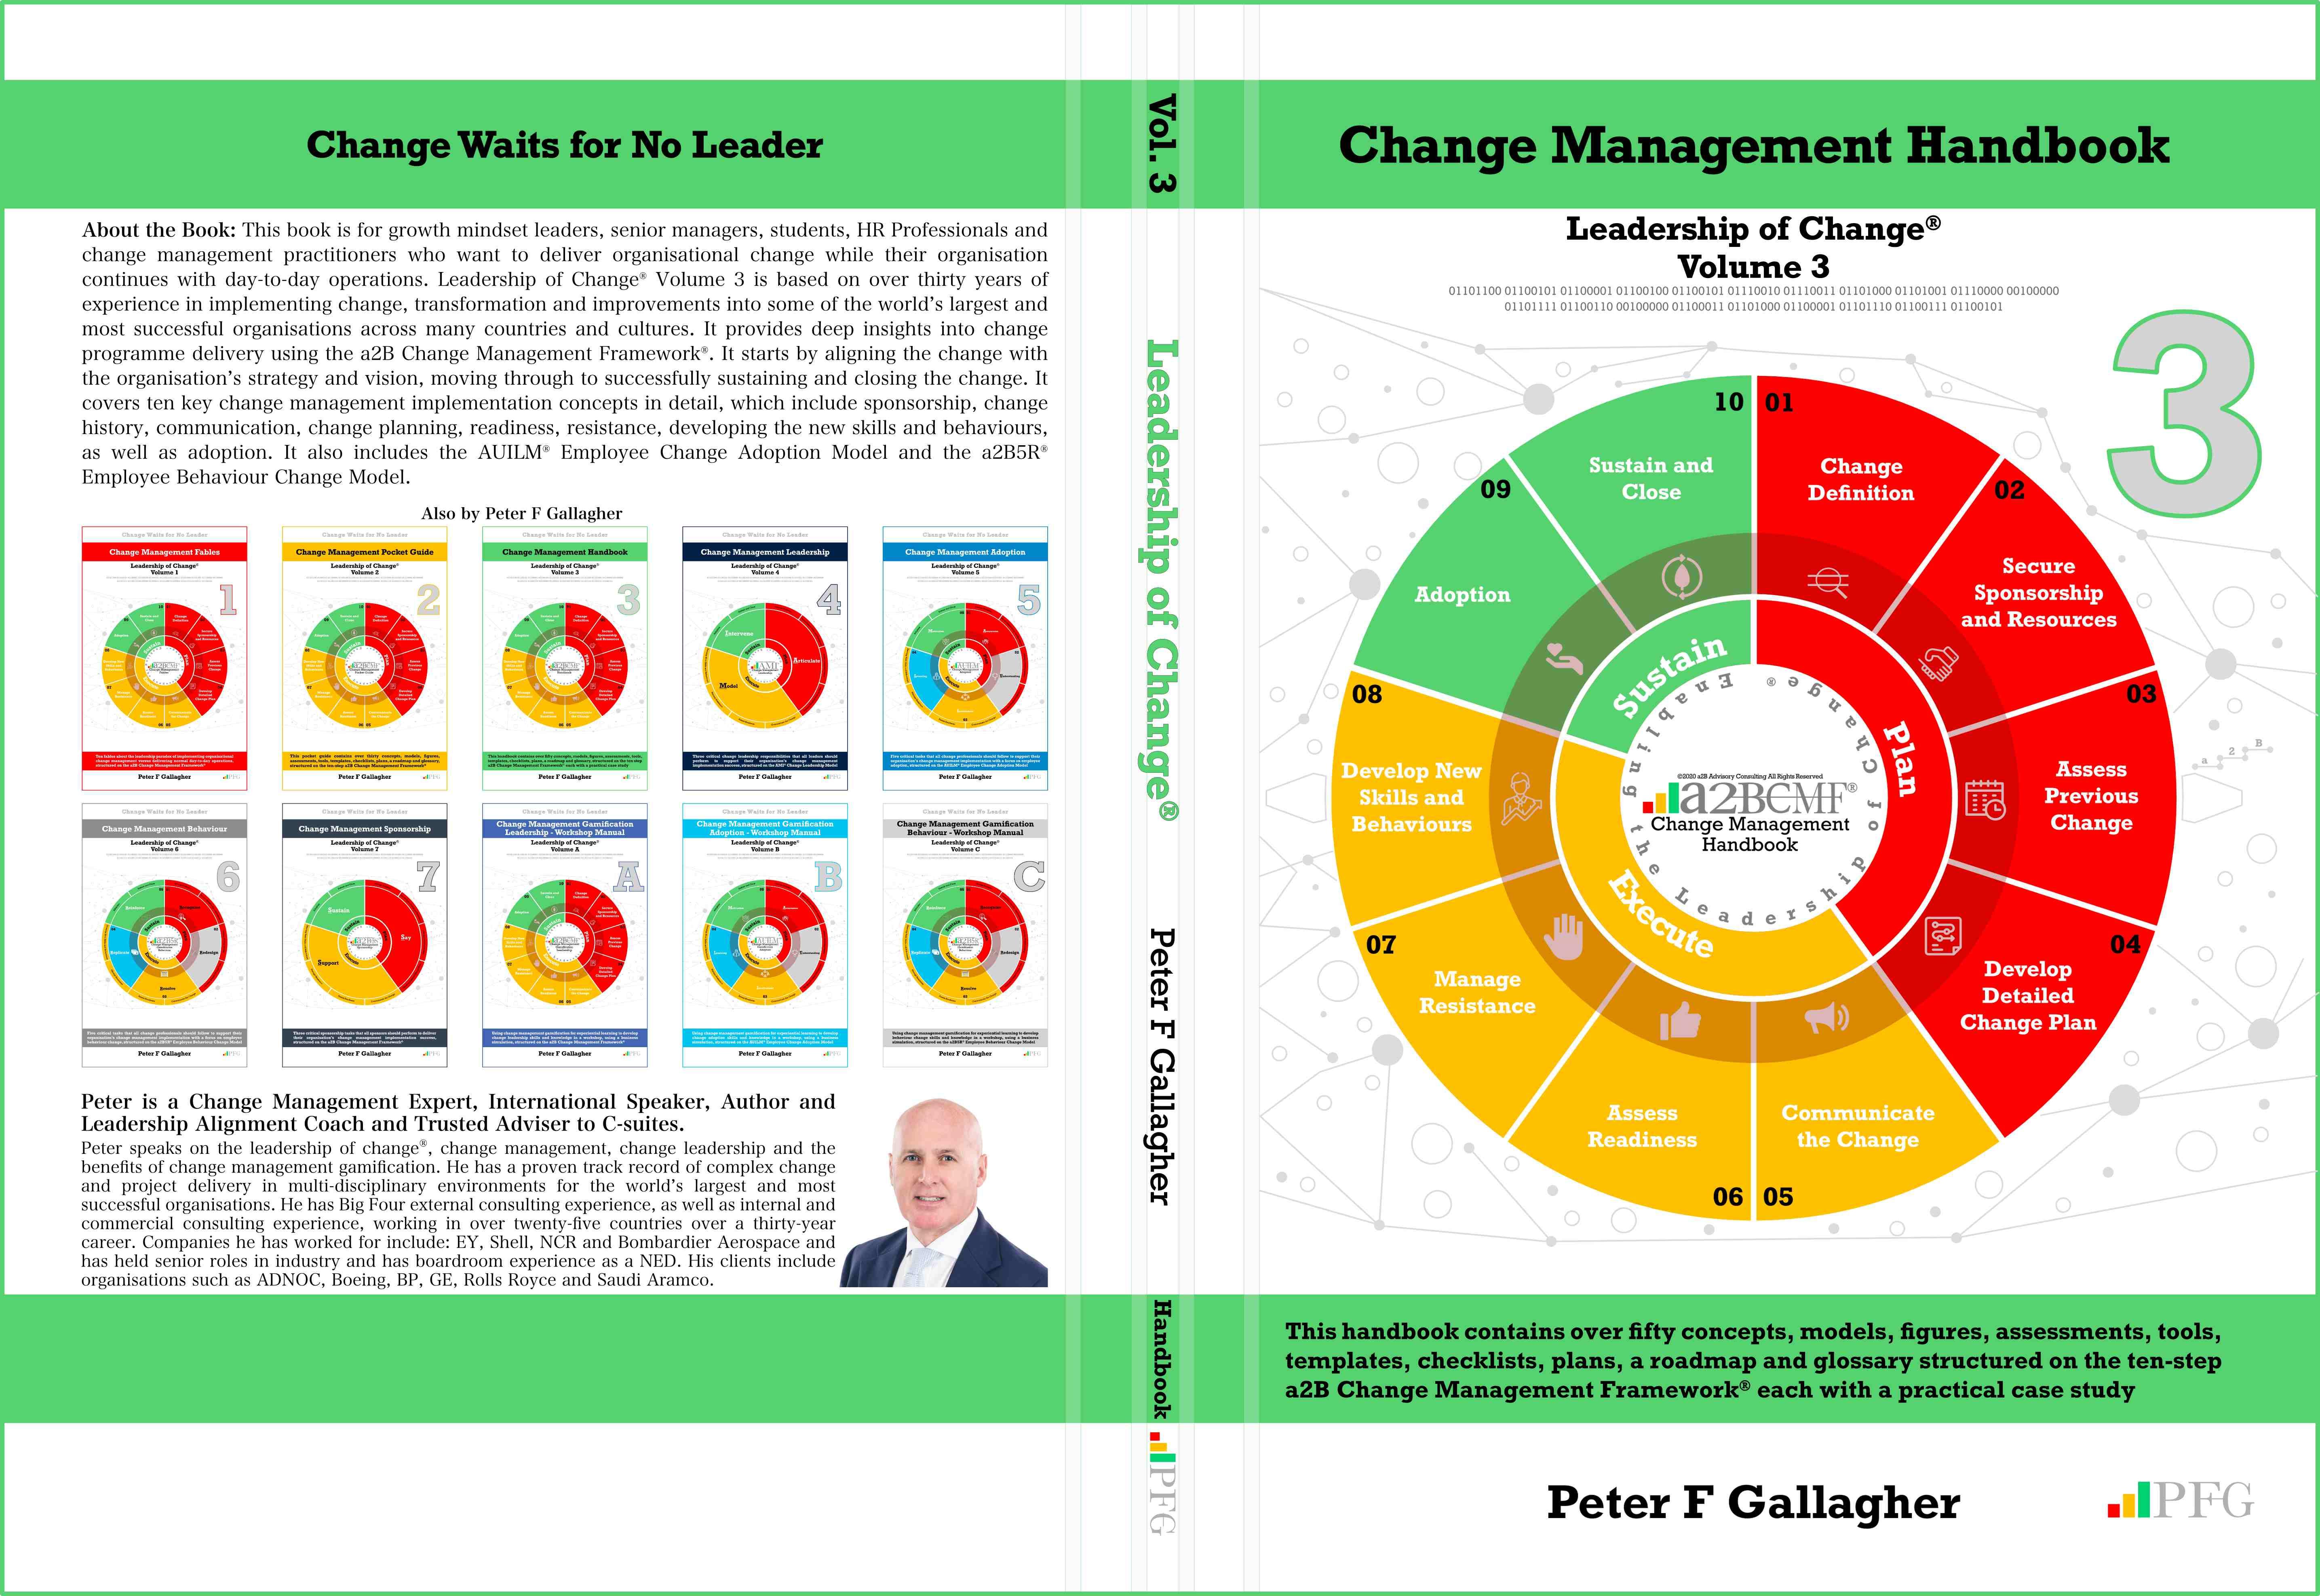 Change Management Handbook, Change Management Book, Change Management Books, Change Management Handb